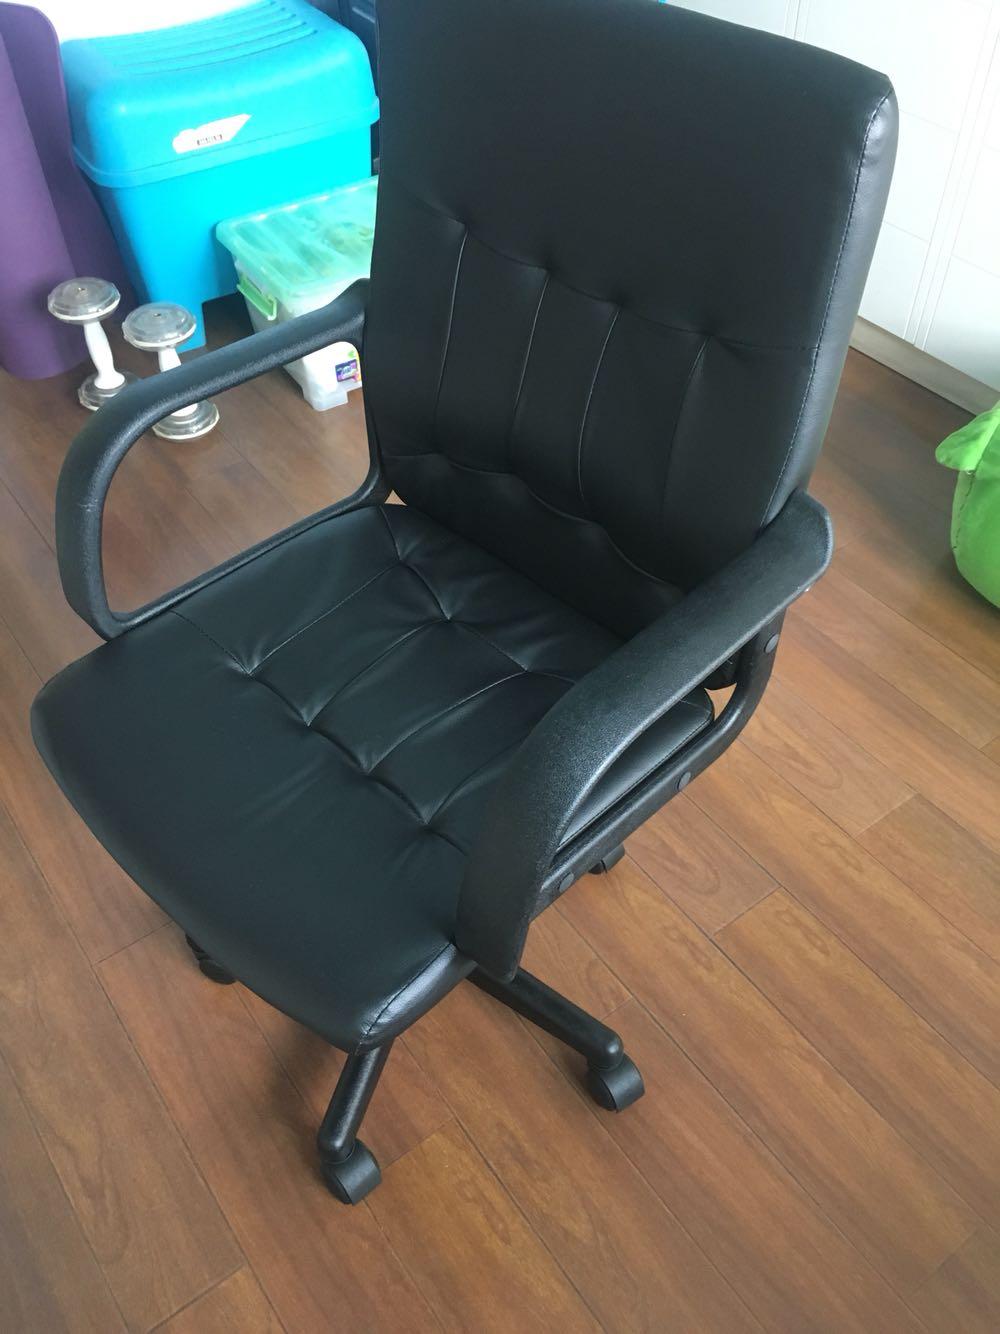 2014 hyperdunks for sale 00212120 for-cheap